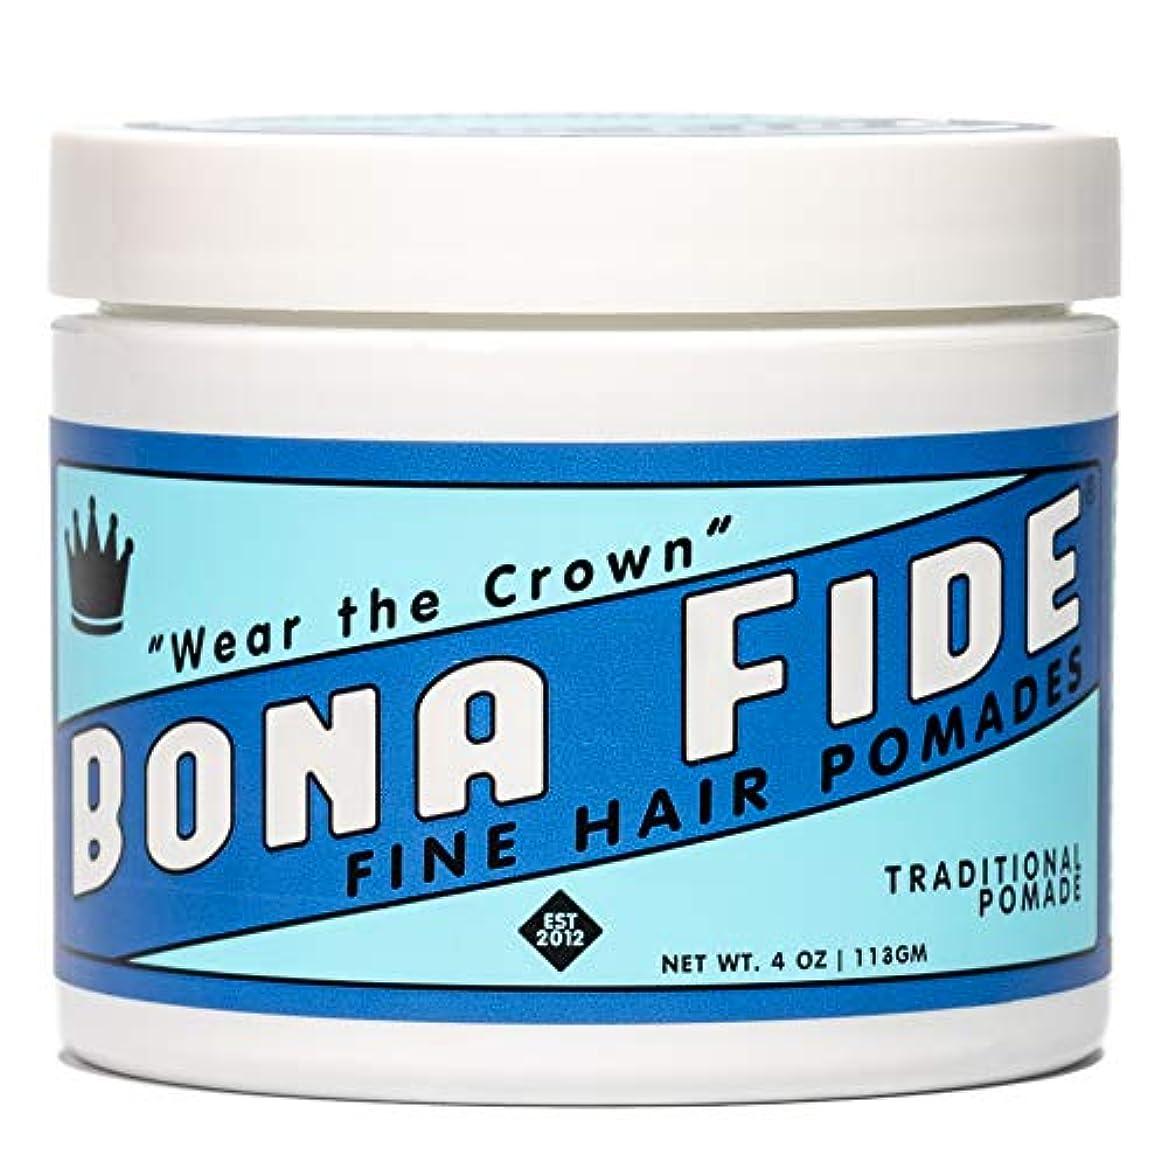 ミル管理する堤防Bona Fide Pomade, トラディショナルポマード, TRADITIONAL POMADE, 4oz (113g)、オイルベースポマード (整髪料/ヘアー スタイリング剤)